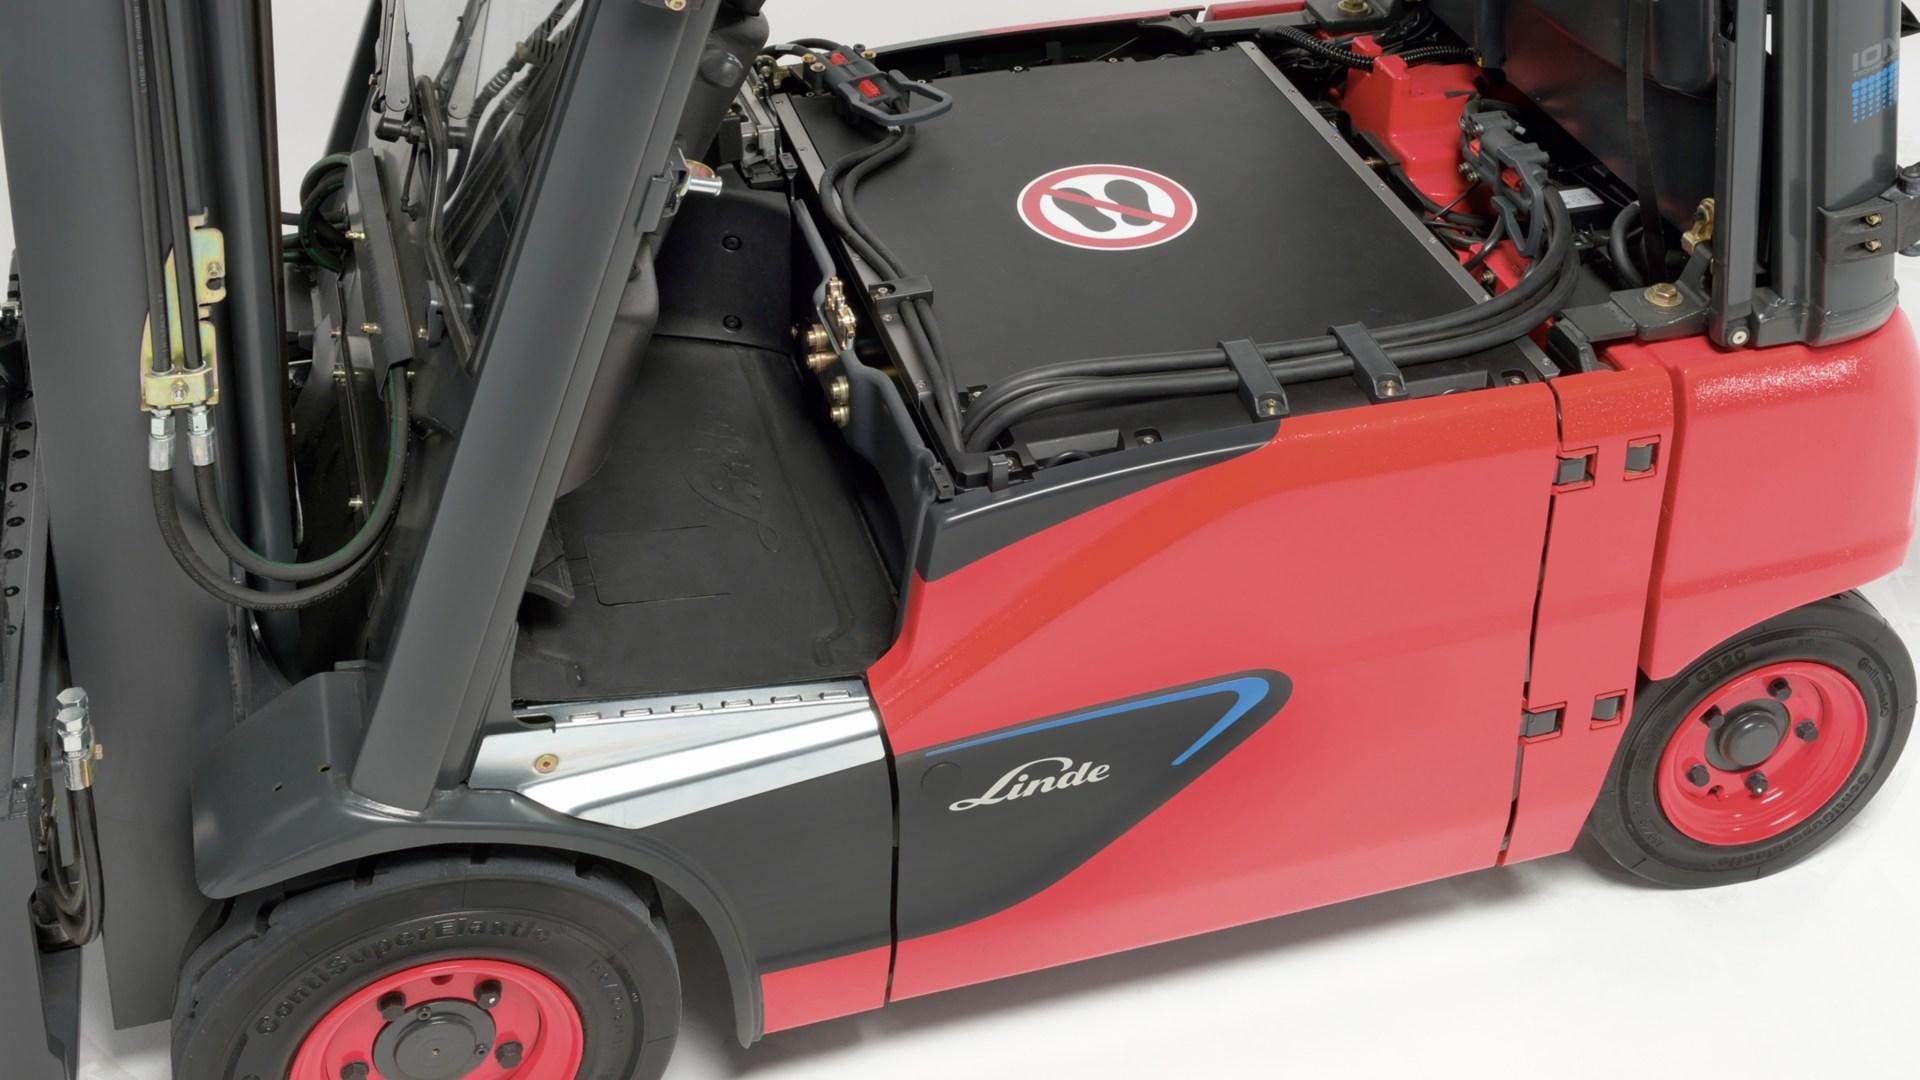 e_truck_E16_EVO_lithium_ion-battery_compartment-4333_45_B_Li_16x9w1920